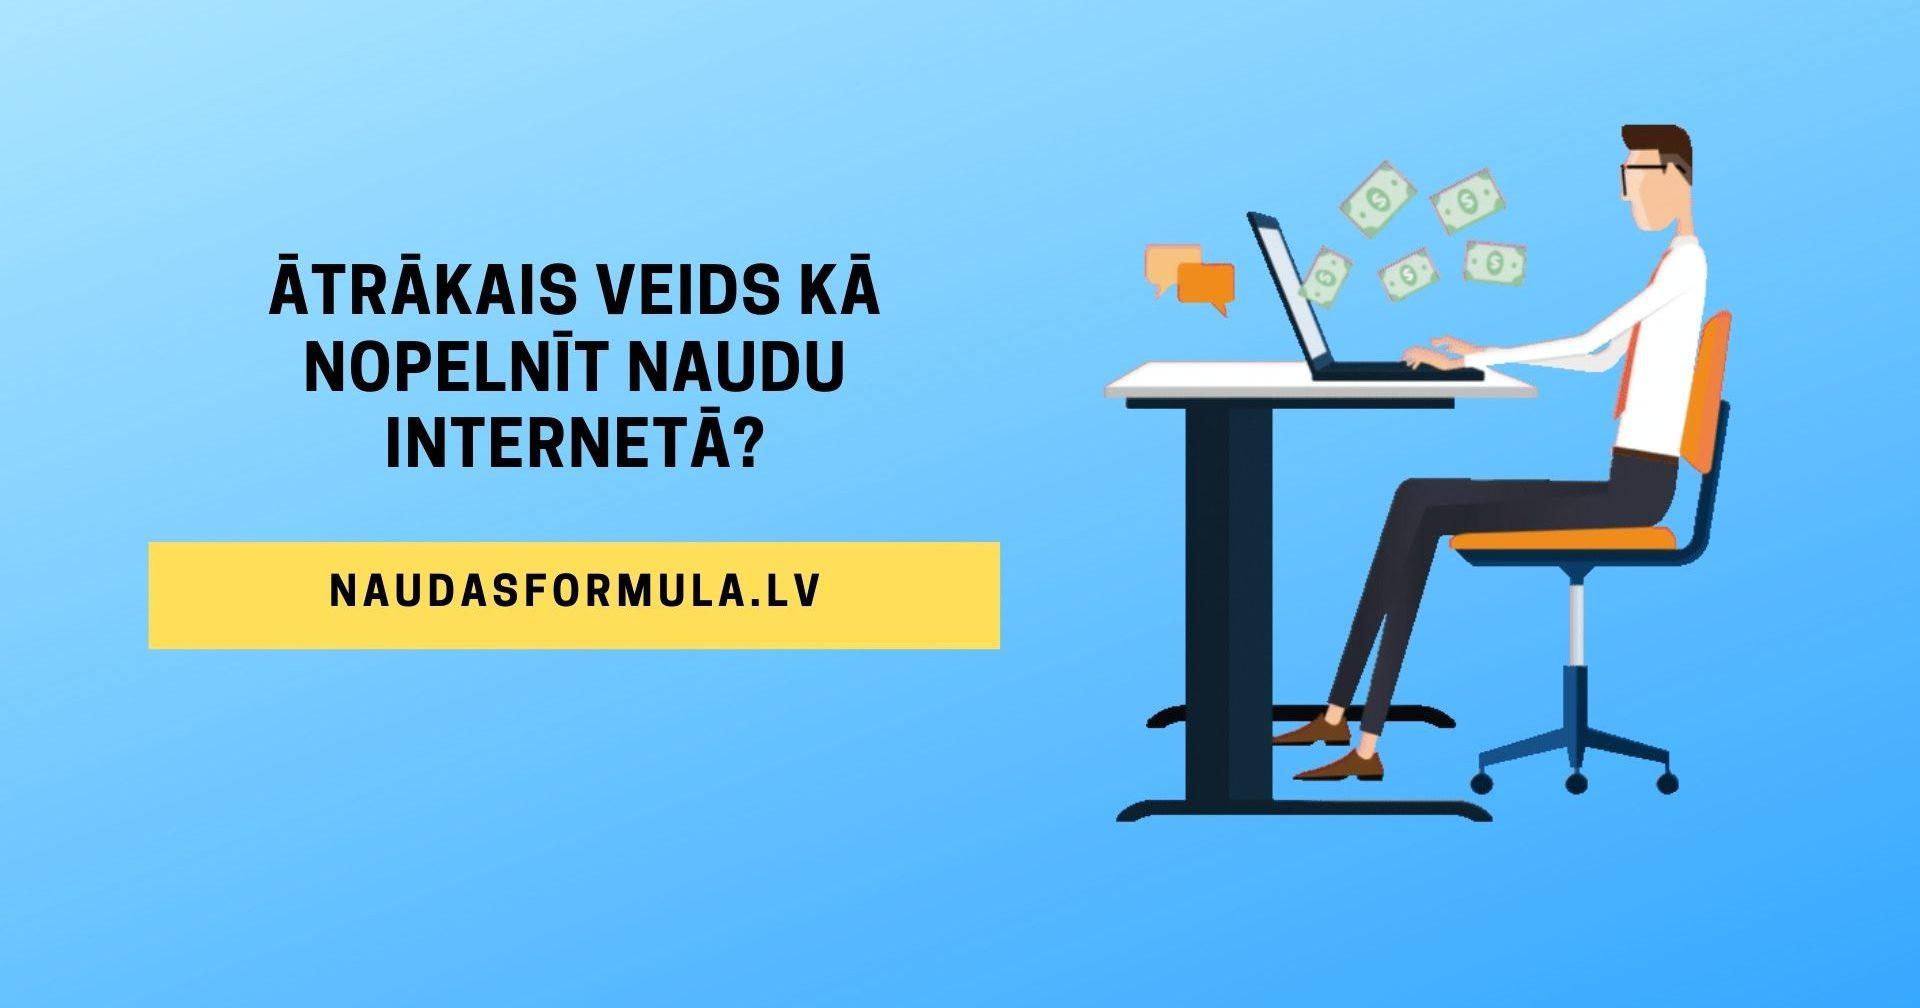 oficiāla programma naudas pelnīšanai internetā